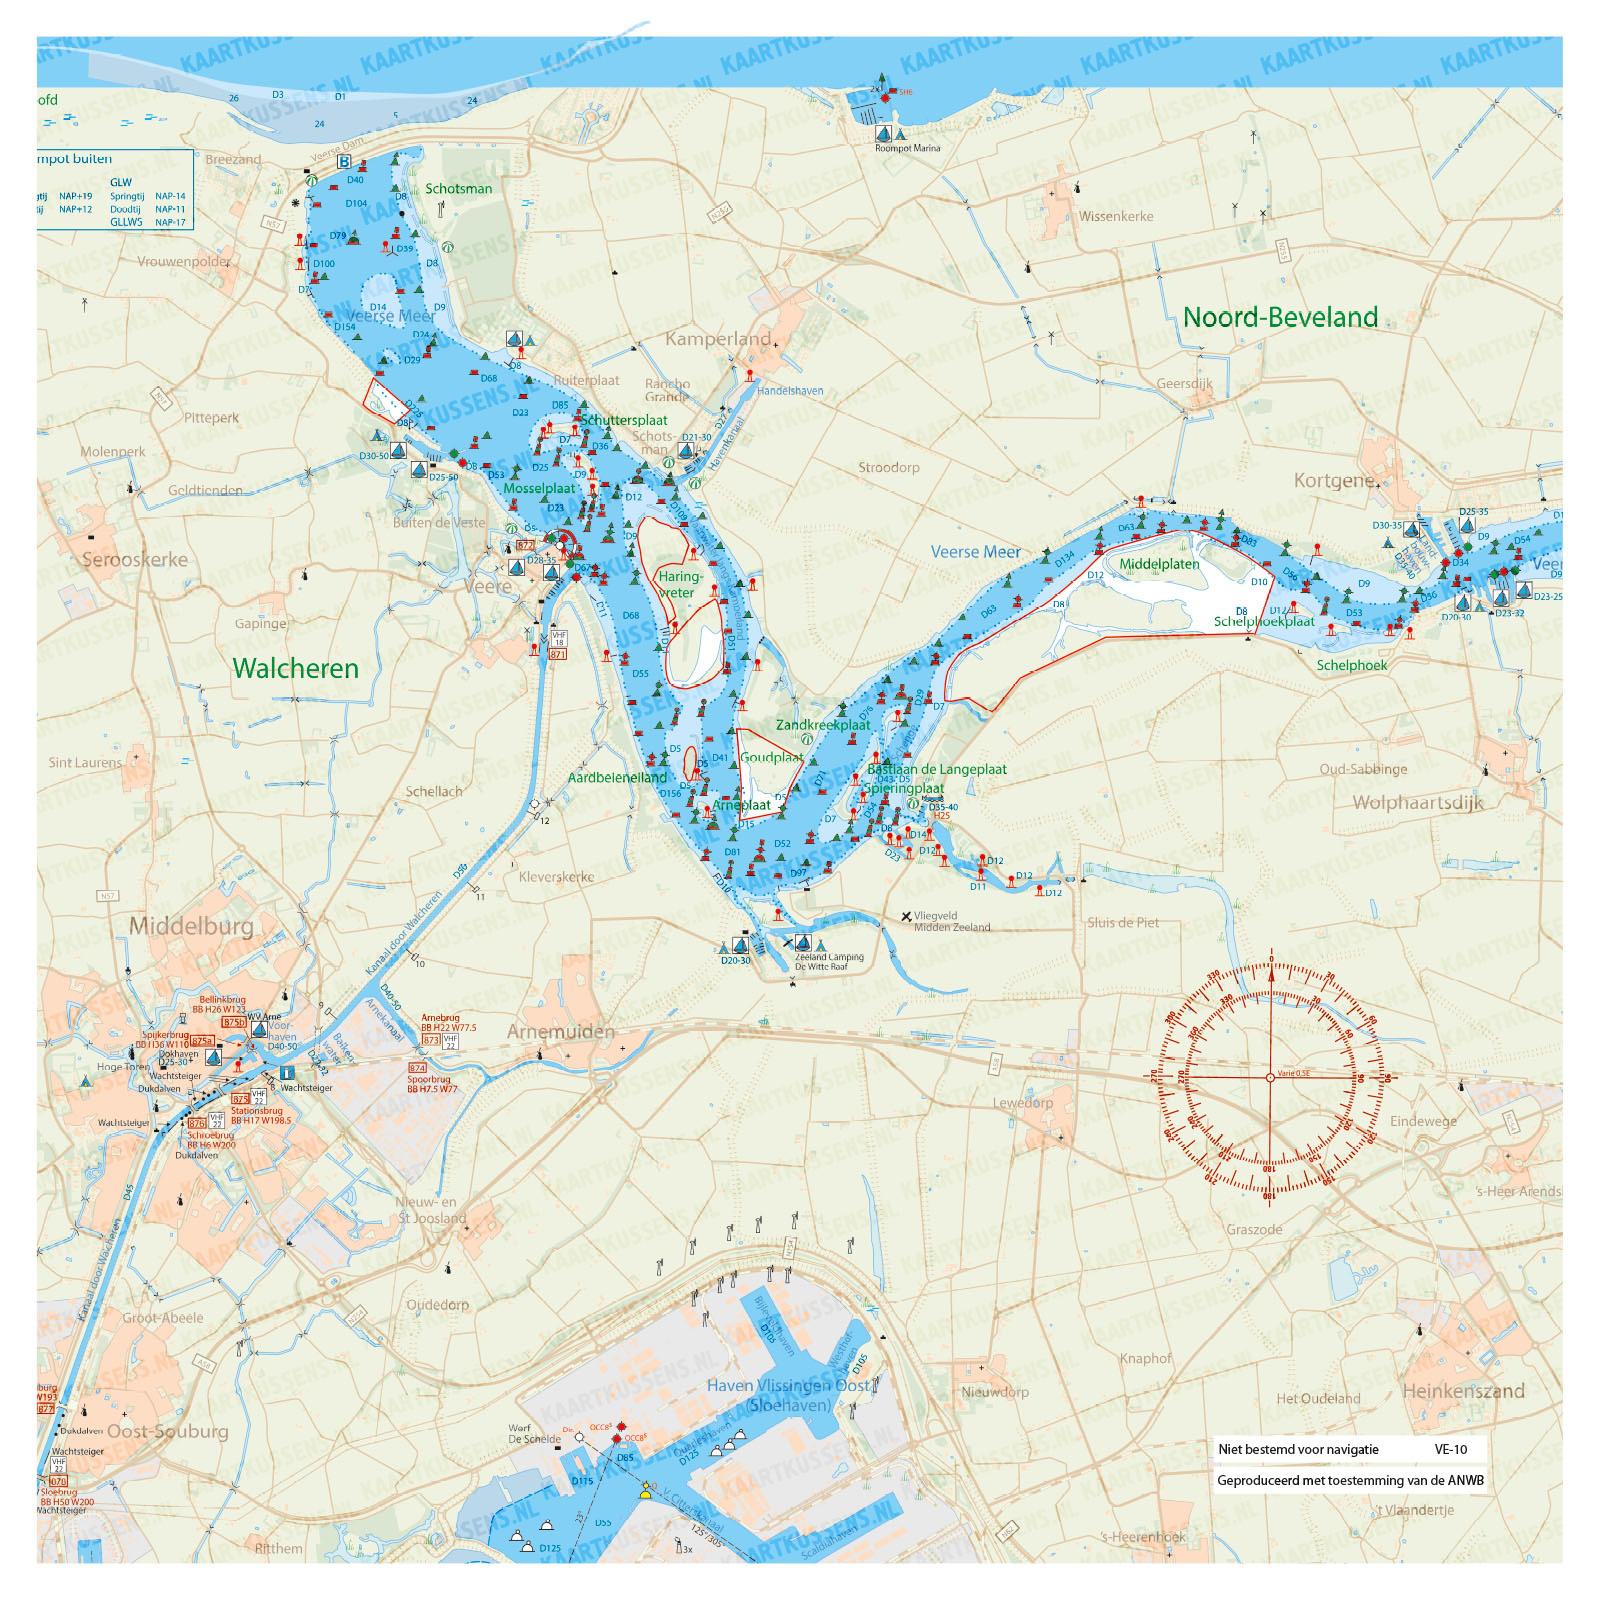 Kaartkussen waterkaart Veerse Meer